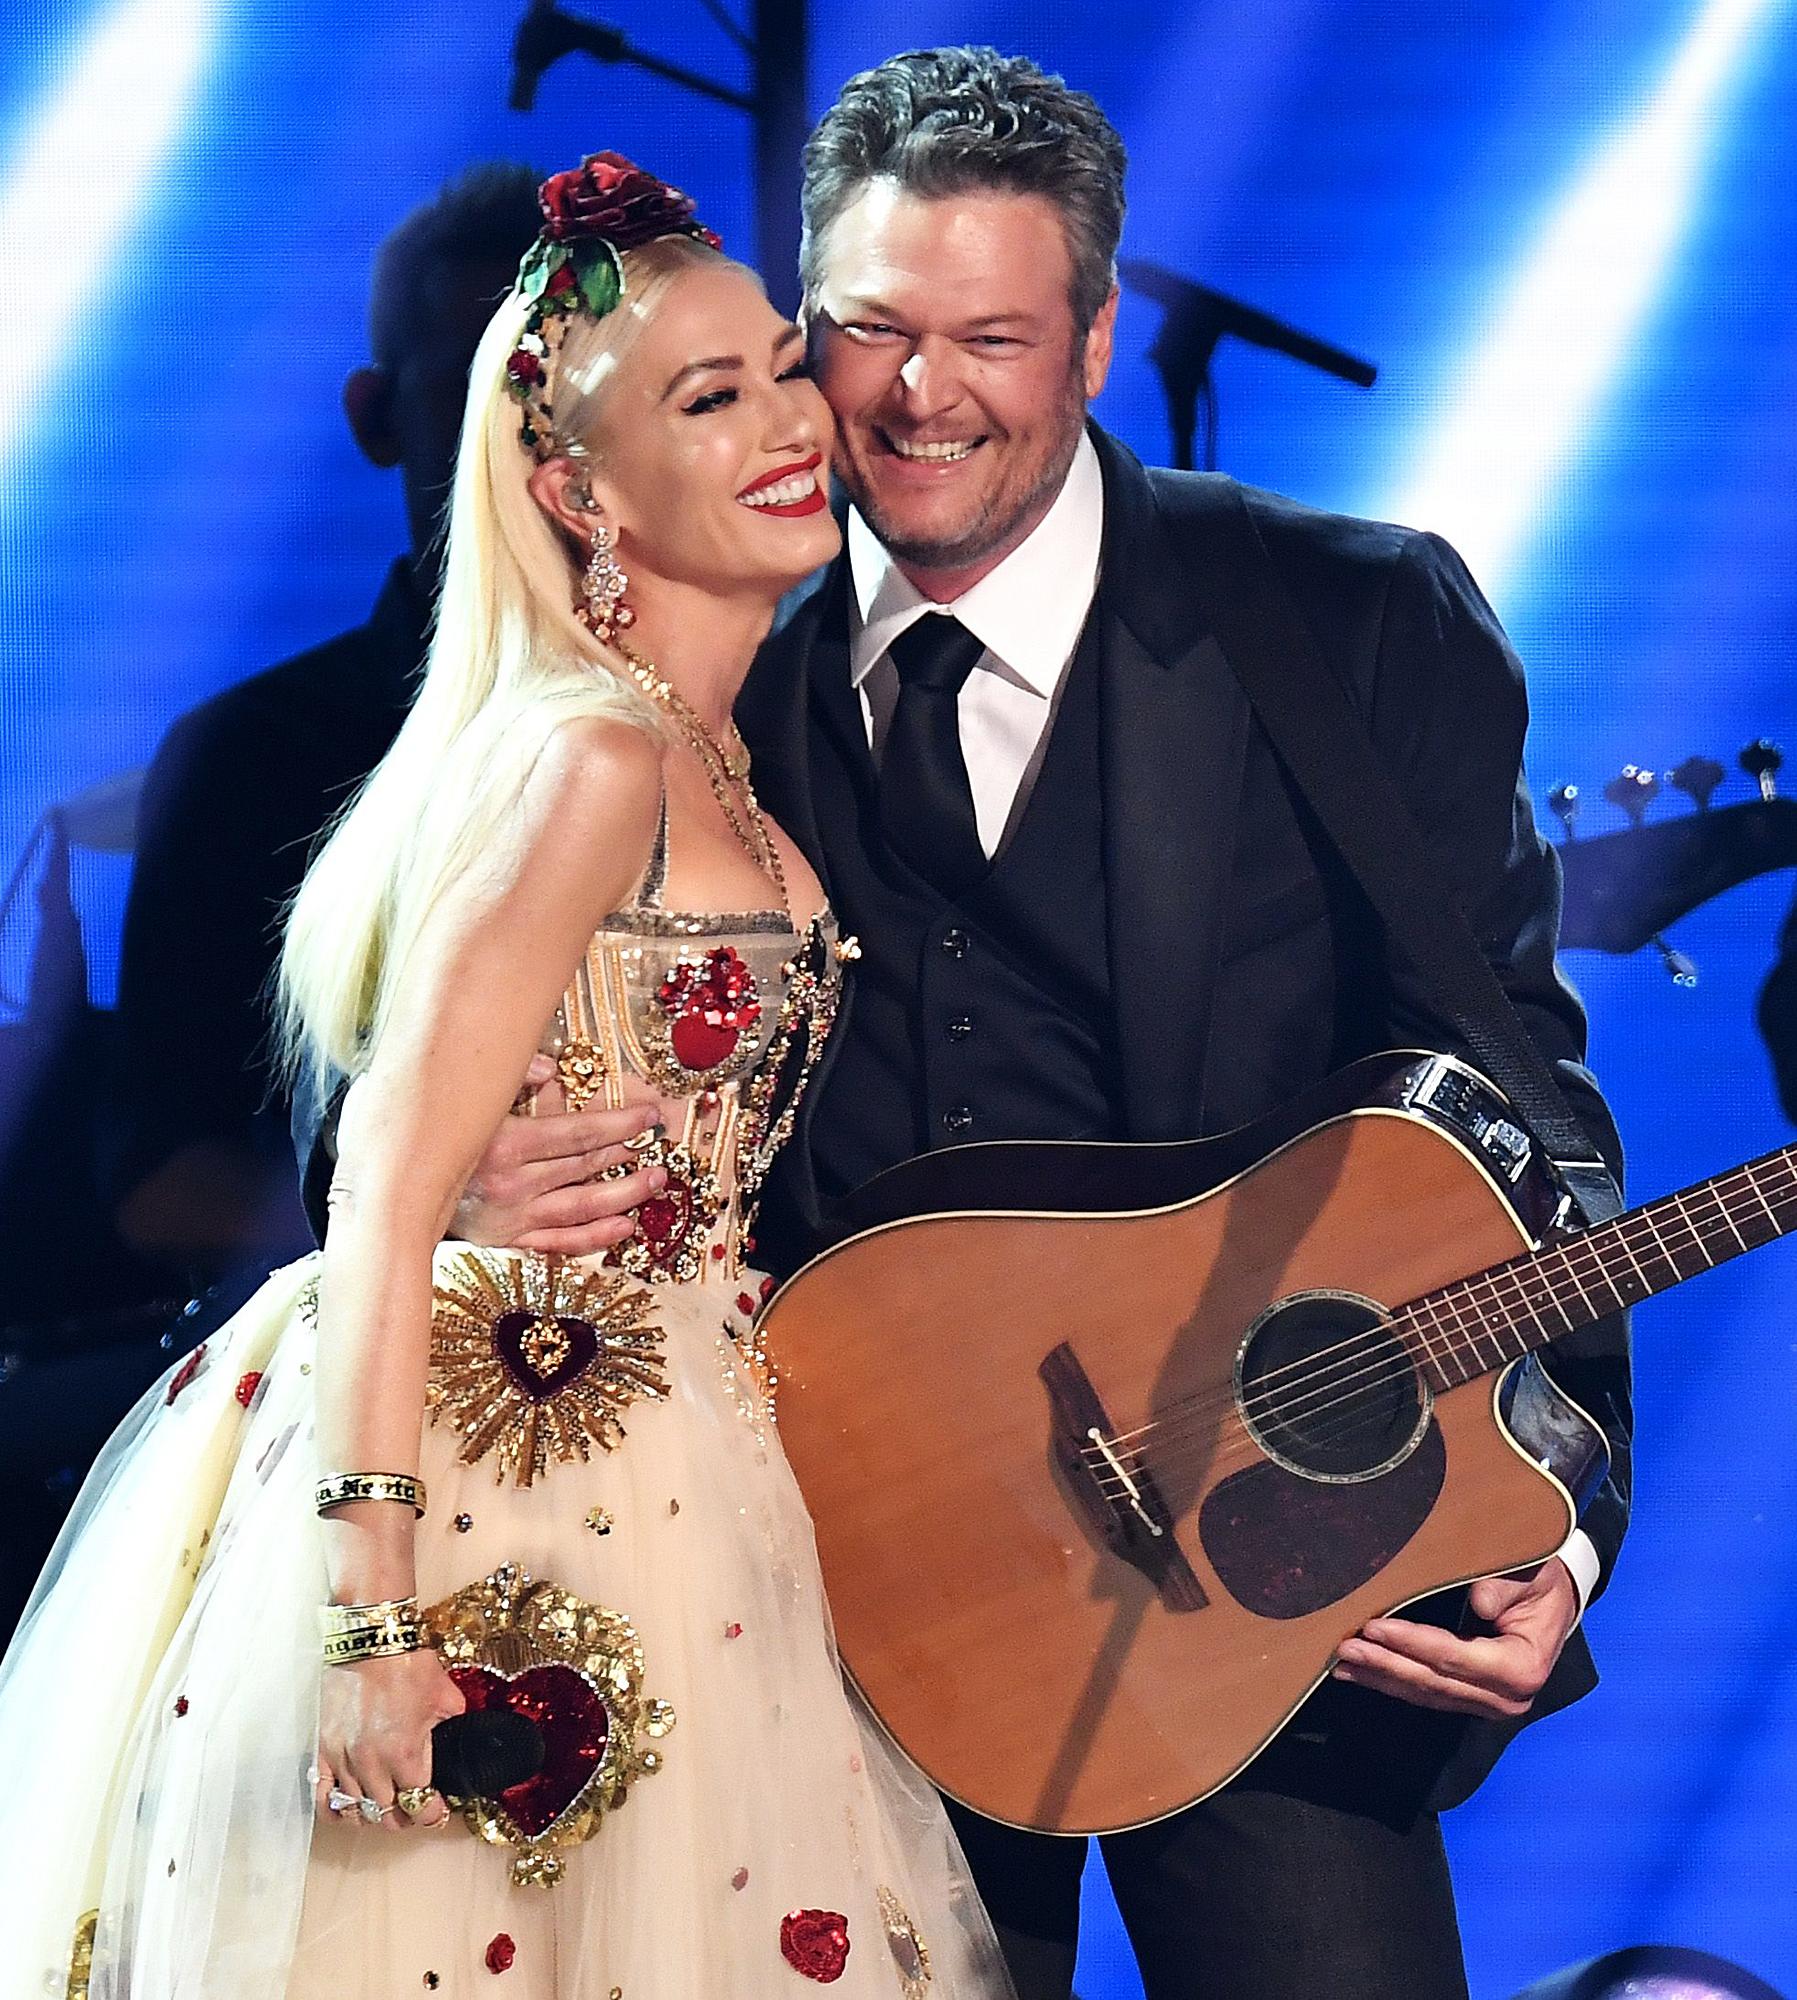 Gwen-Stefani-Climbs-All-Over-Blake-Shelton-During-Surprise-Duet-in-Las-Vegas